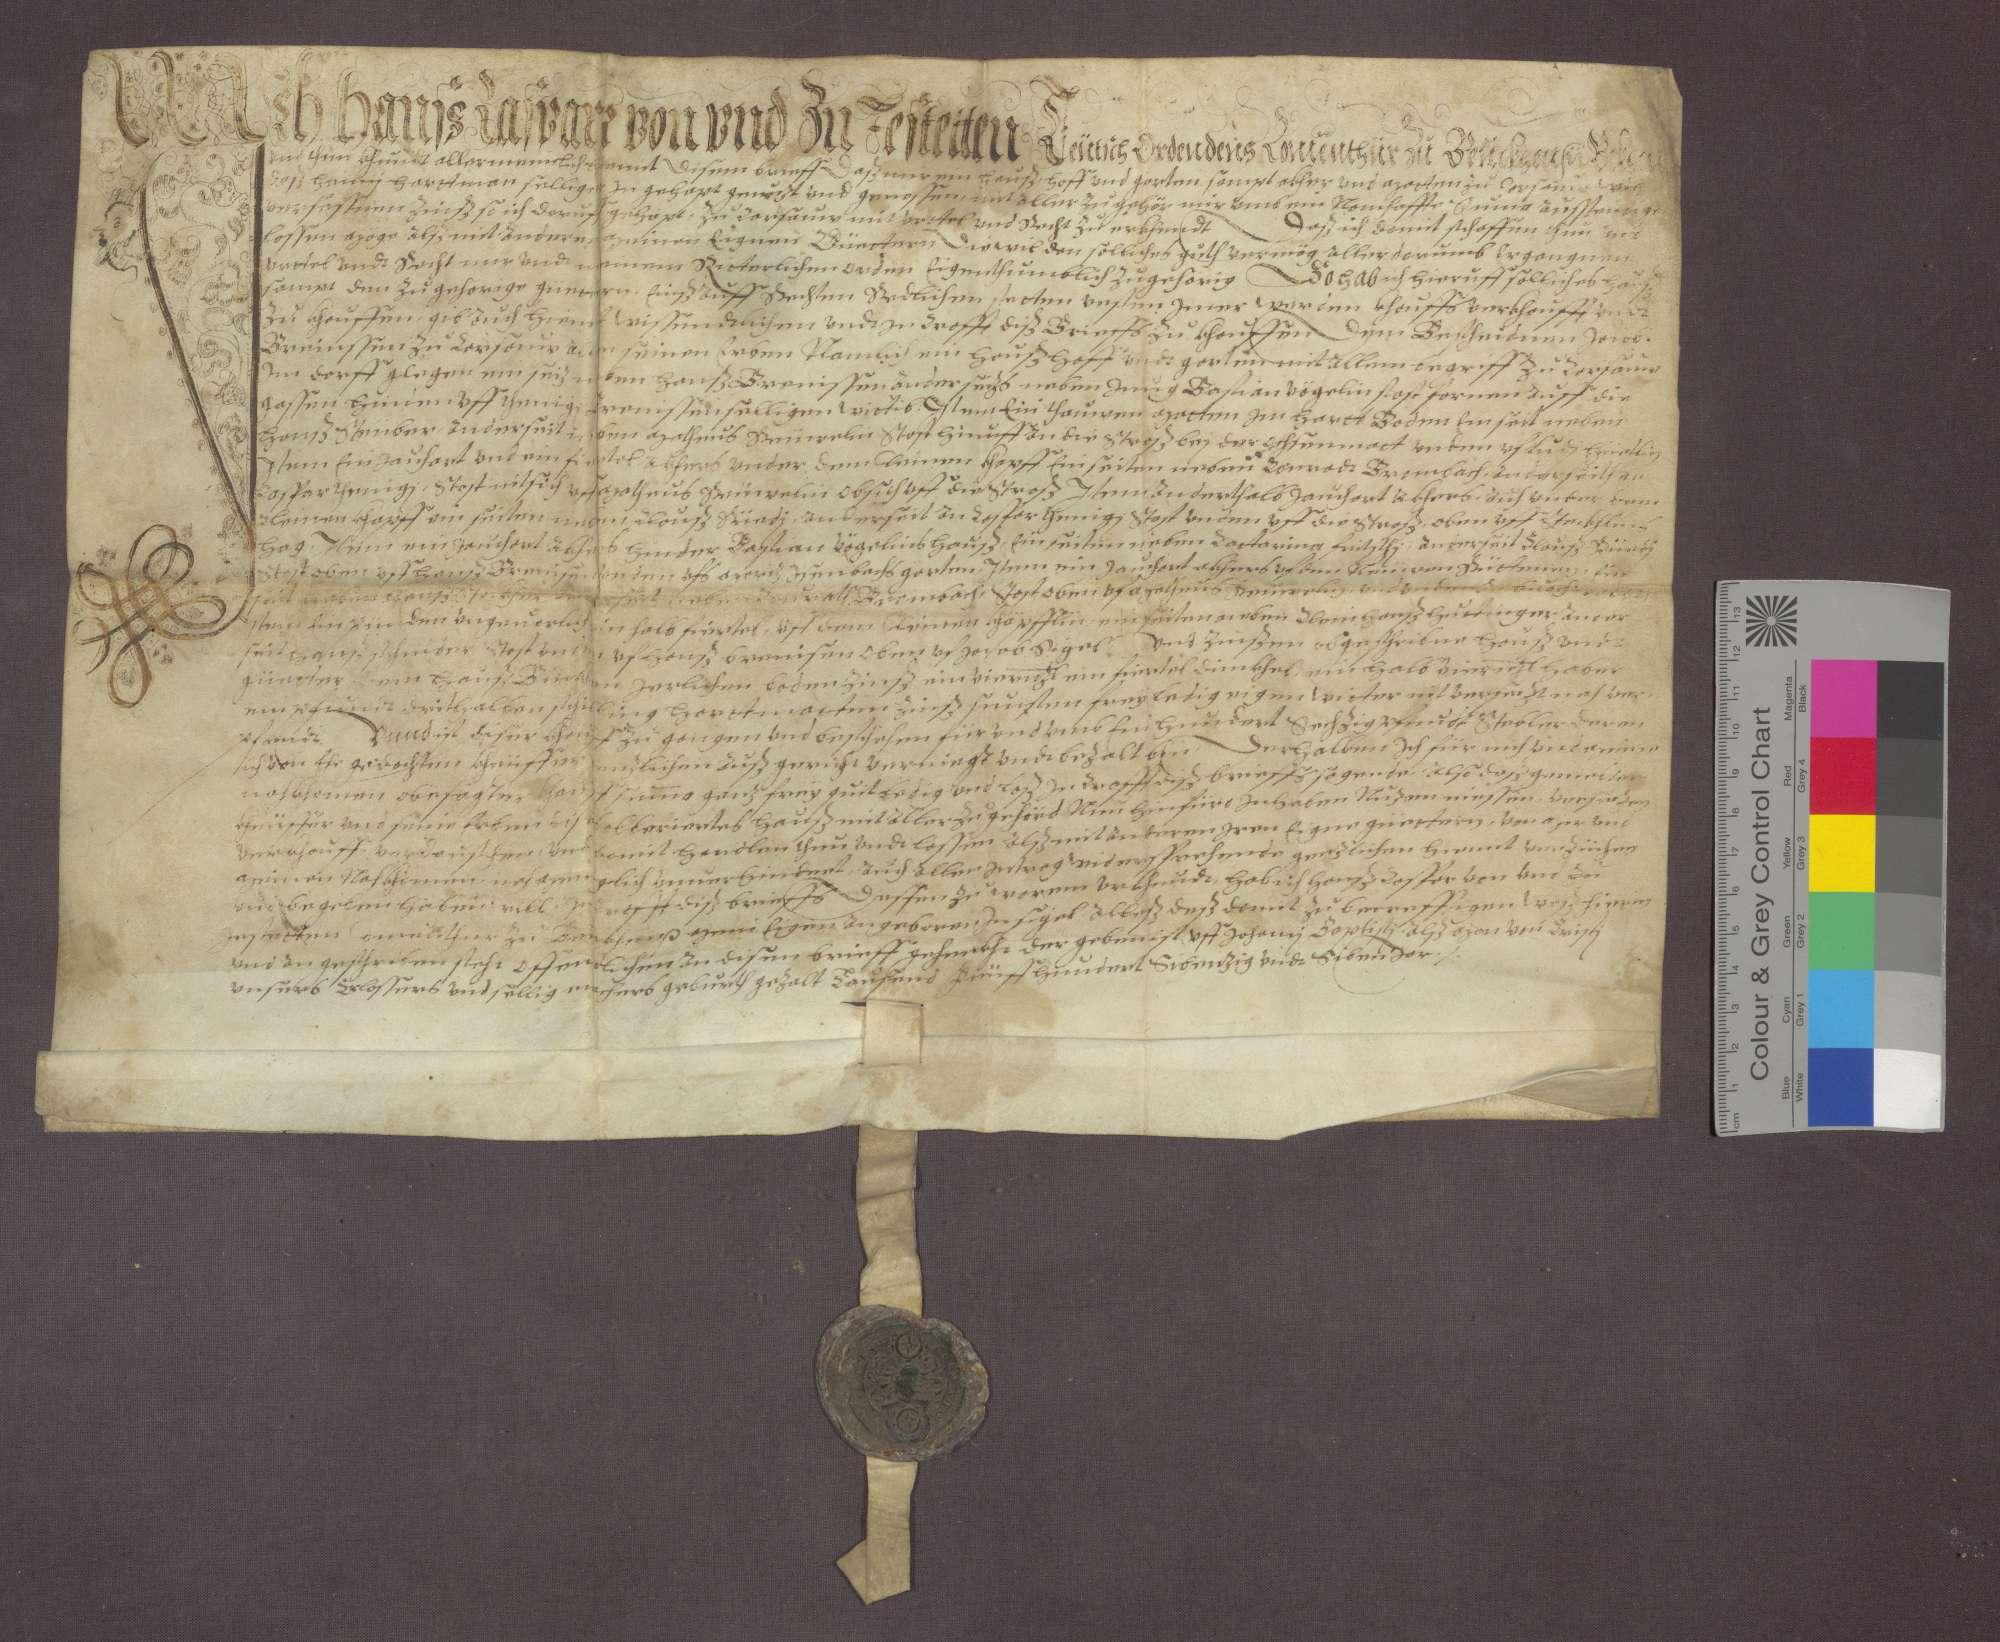 Hans Kaspar von Jestetten, Komtur zu Beuggen, verkauft an Jakob Brenneisen ein Haus samt Hof, Garten und Zubehör zu Krasau, um 160 Pfund Stebler., Bild 1